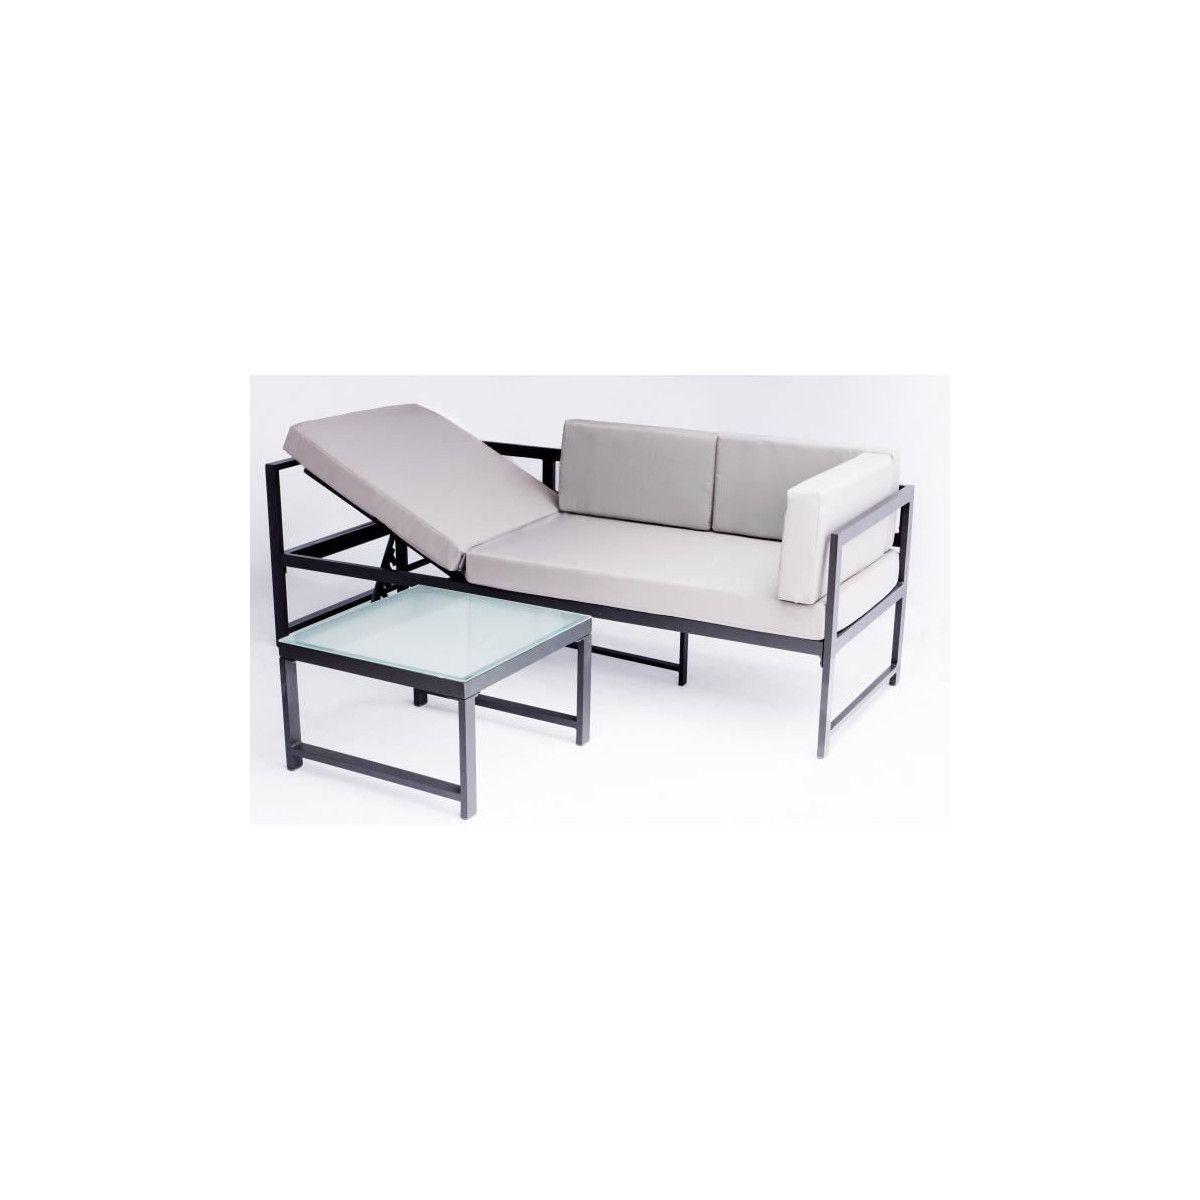 NIMOS Salon de jardin en aluminium 5 places - Gris - BEAU RIVAGE